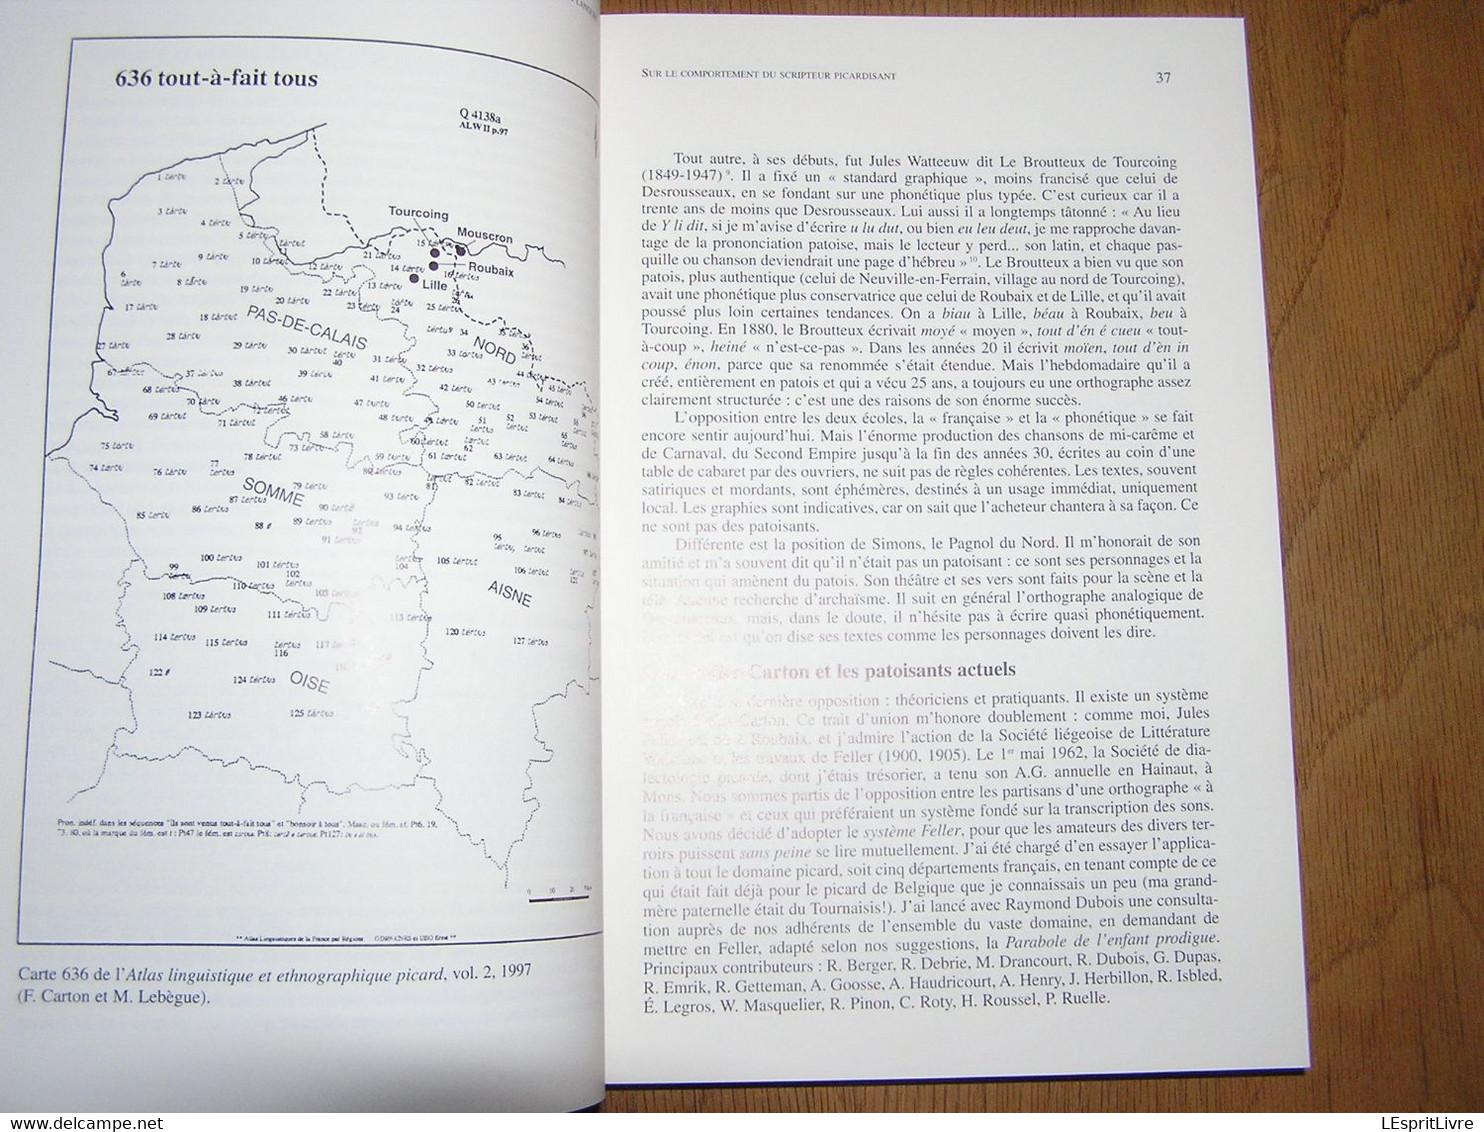 ECRIRE LES LANGUES D'OÏL Régionalisme Hainaut Borinage Patois Dialecte Wallon Parler Wallon Orthographe Picard - Bélgica